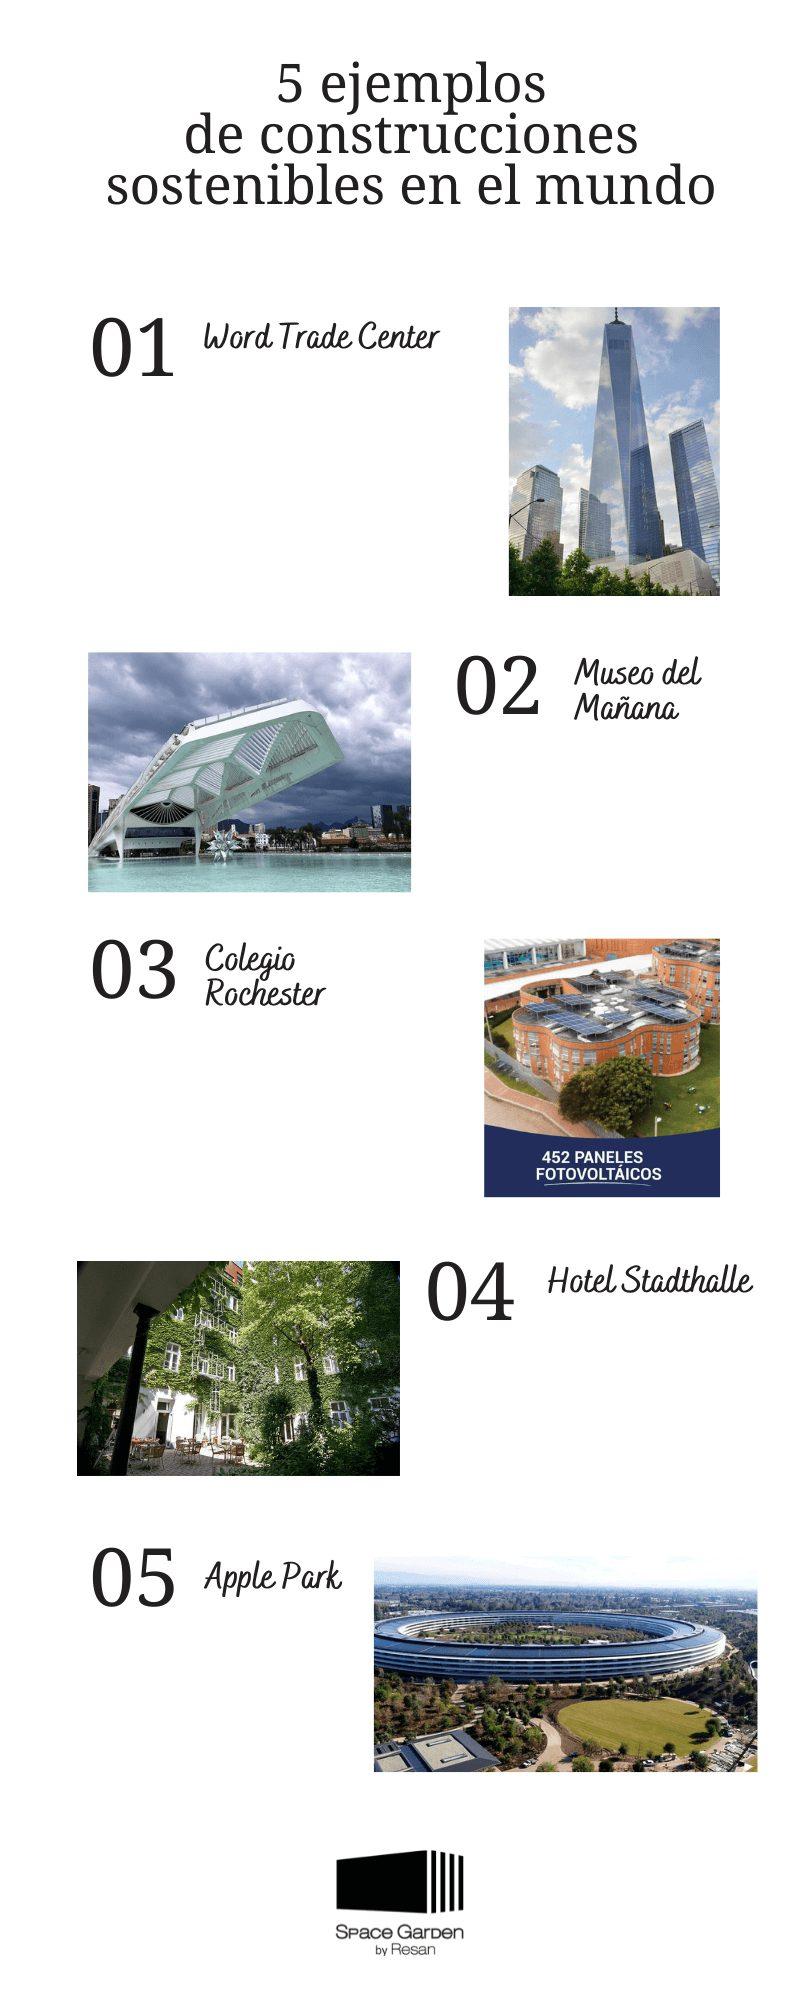 arquitectura sostenible ejemplos en el mundo